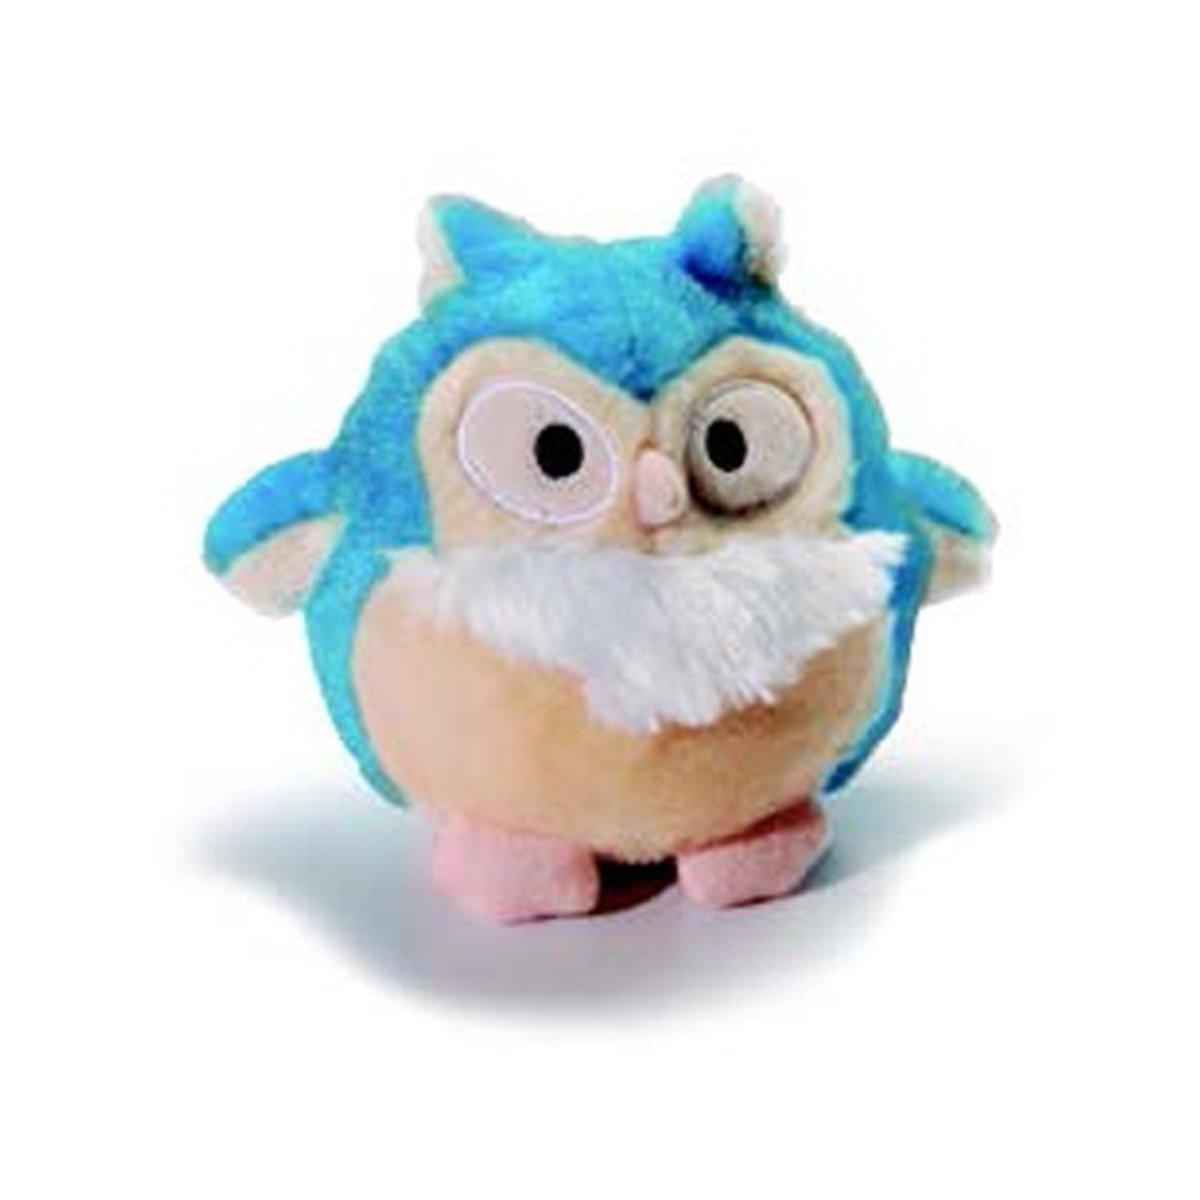 寵物貓頭鷹發聲玩具 - 藍色